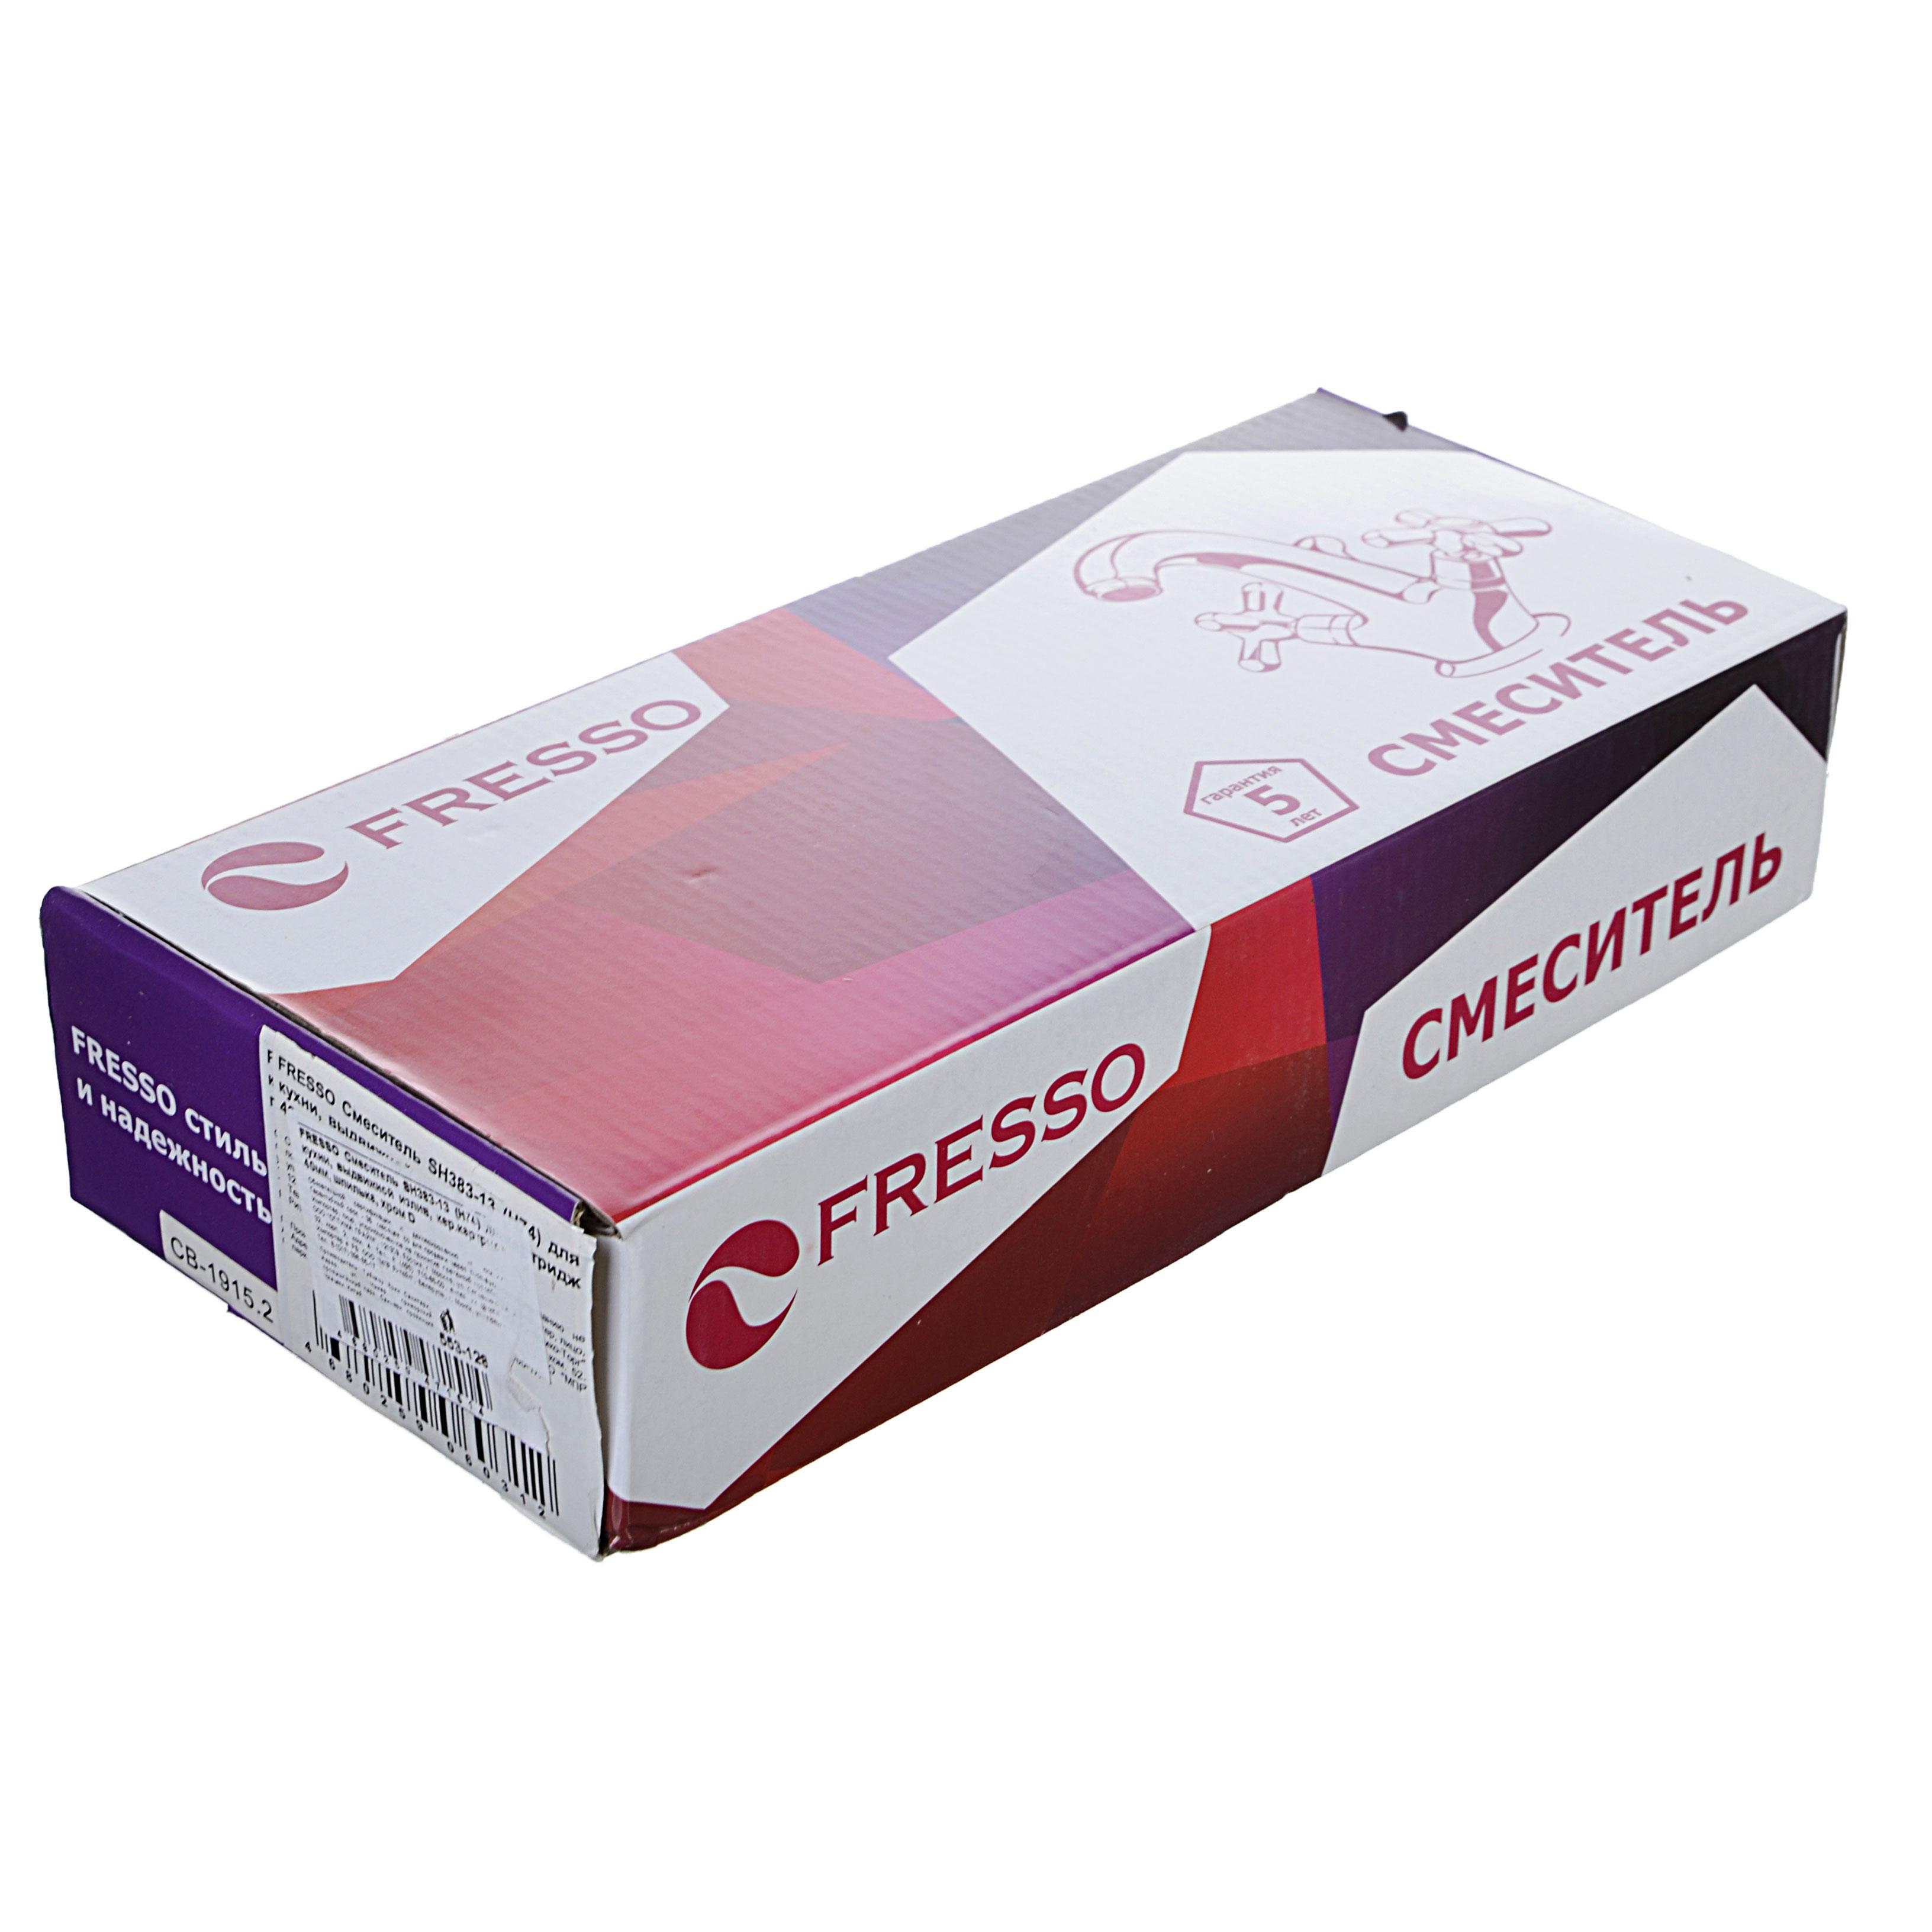 FRESSO Смеситель SH383-13 (H74) для кухни, выдвижной излив, кер.картридж 40мм, шпилька, хром D